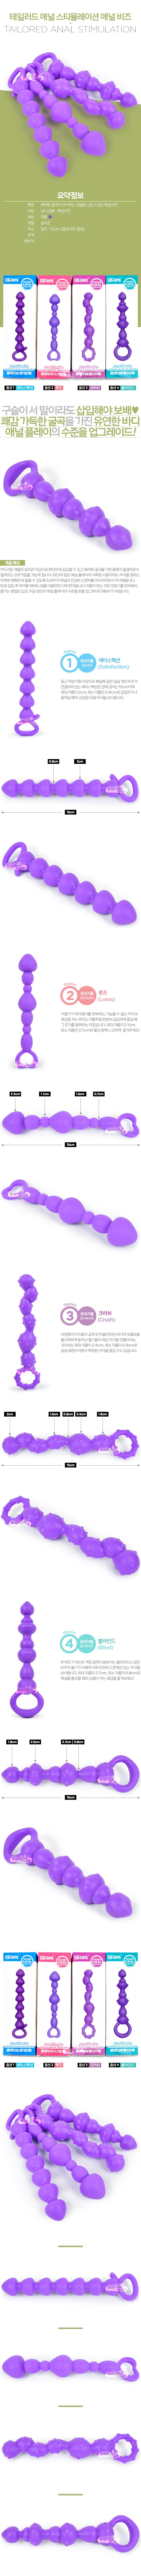 [애널 비즈] 테일러드 애널 스티뮬레이션 애널 비즈(Tailored Anal Stimulation Anal Beads) - 6922359300430 (ICH)